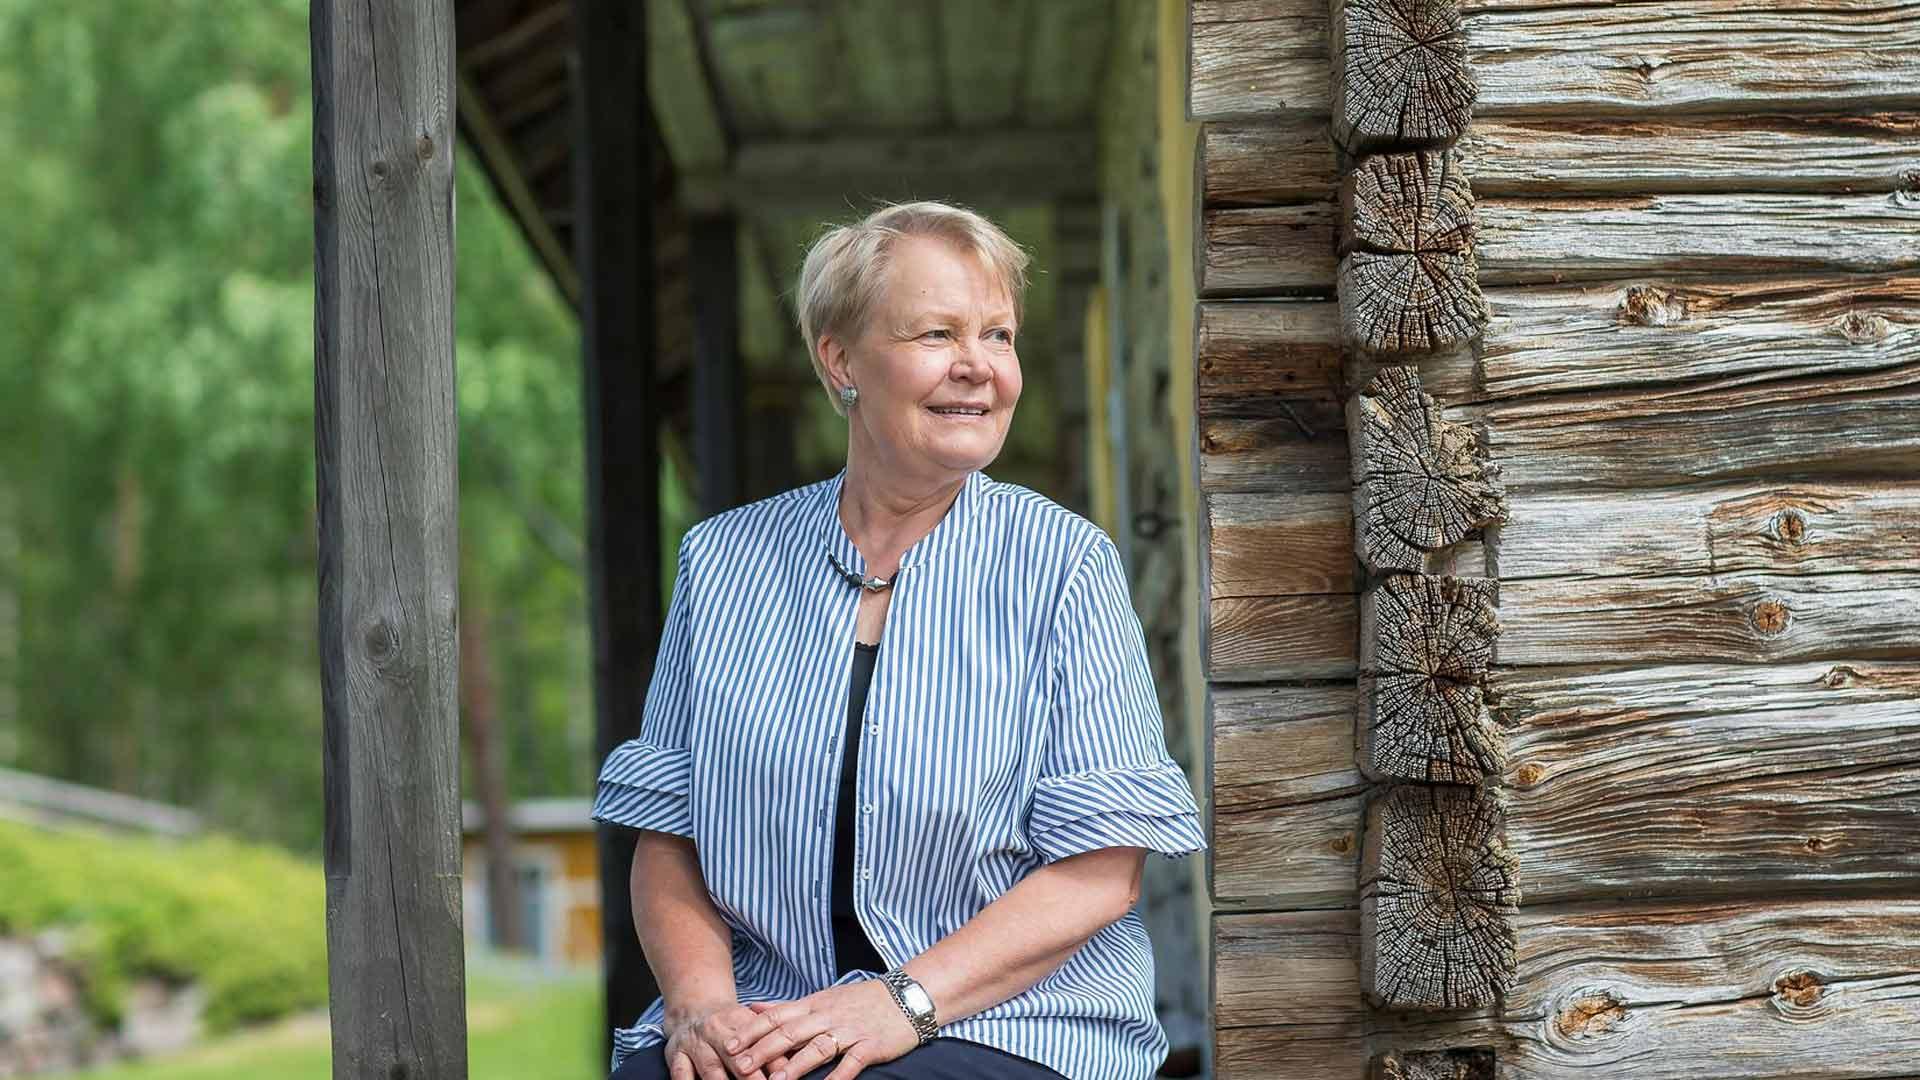 Maaseudulta kotoisin oleva Ritva Reinikka ei päätynyt maailmalle diplomaatiksi, vaan hyväntekeväisyysjärjestö Unicefiin ja lopulta Maailmanpankkiin, jossa hän sai osallistua muun muassa Ugandan jälleenrakentamiseen.